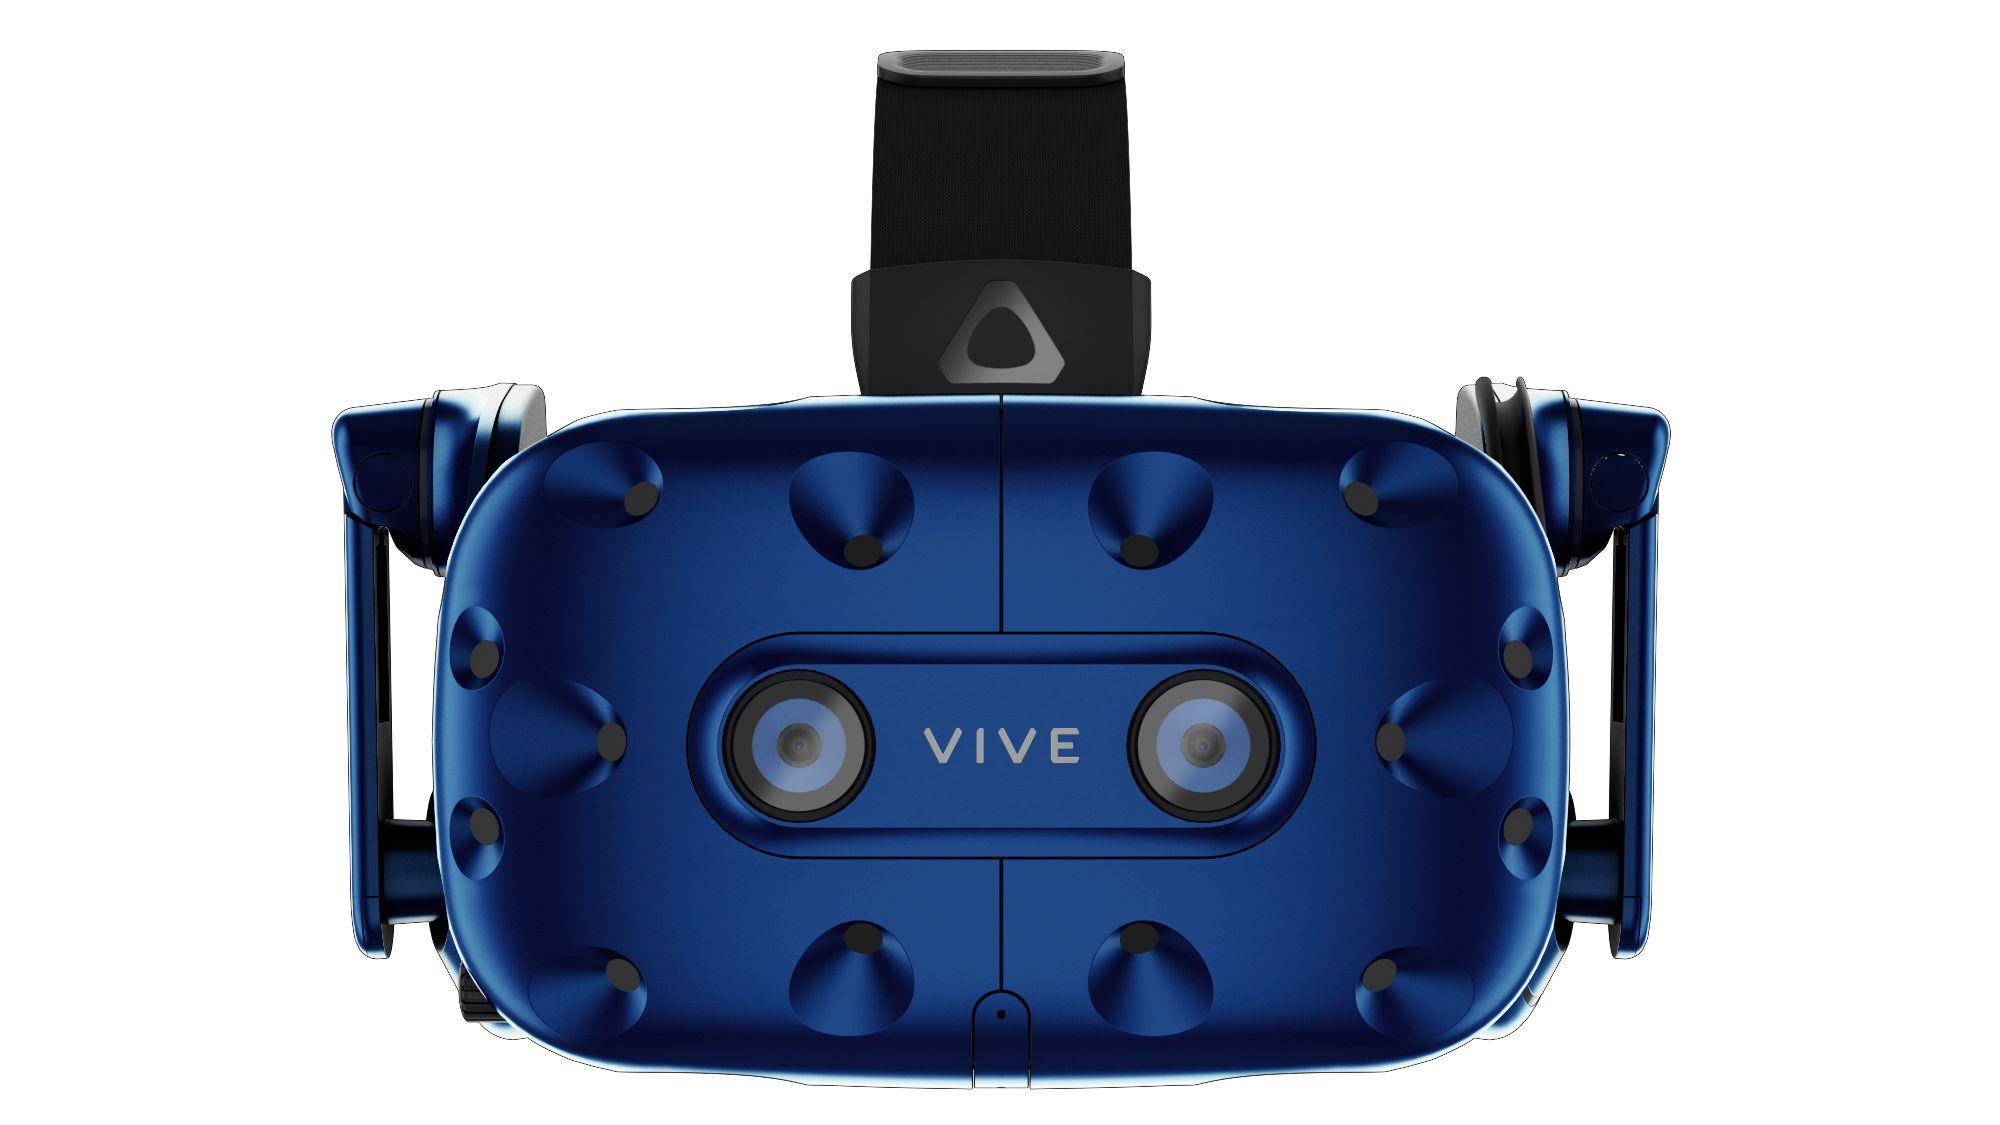 Om opplysningene stemmer har blant andre HTC Vive, her avbildet, en arg konkurrent i vente.